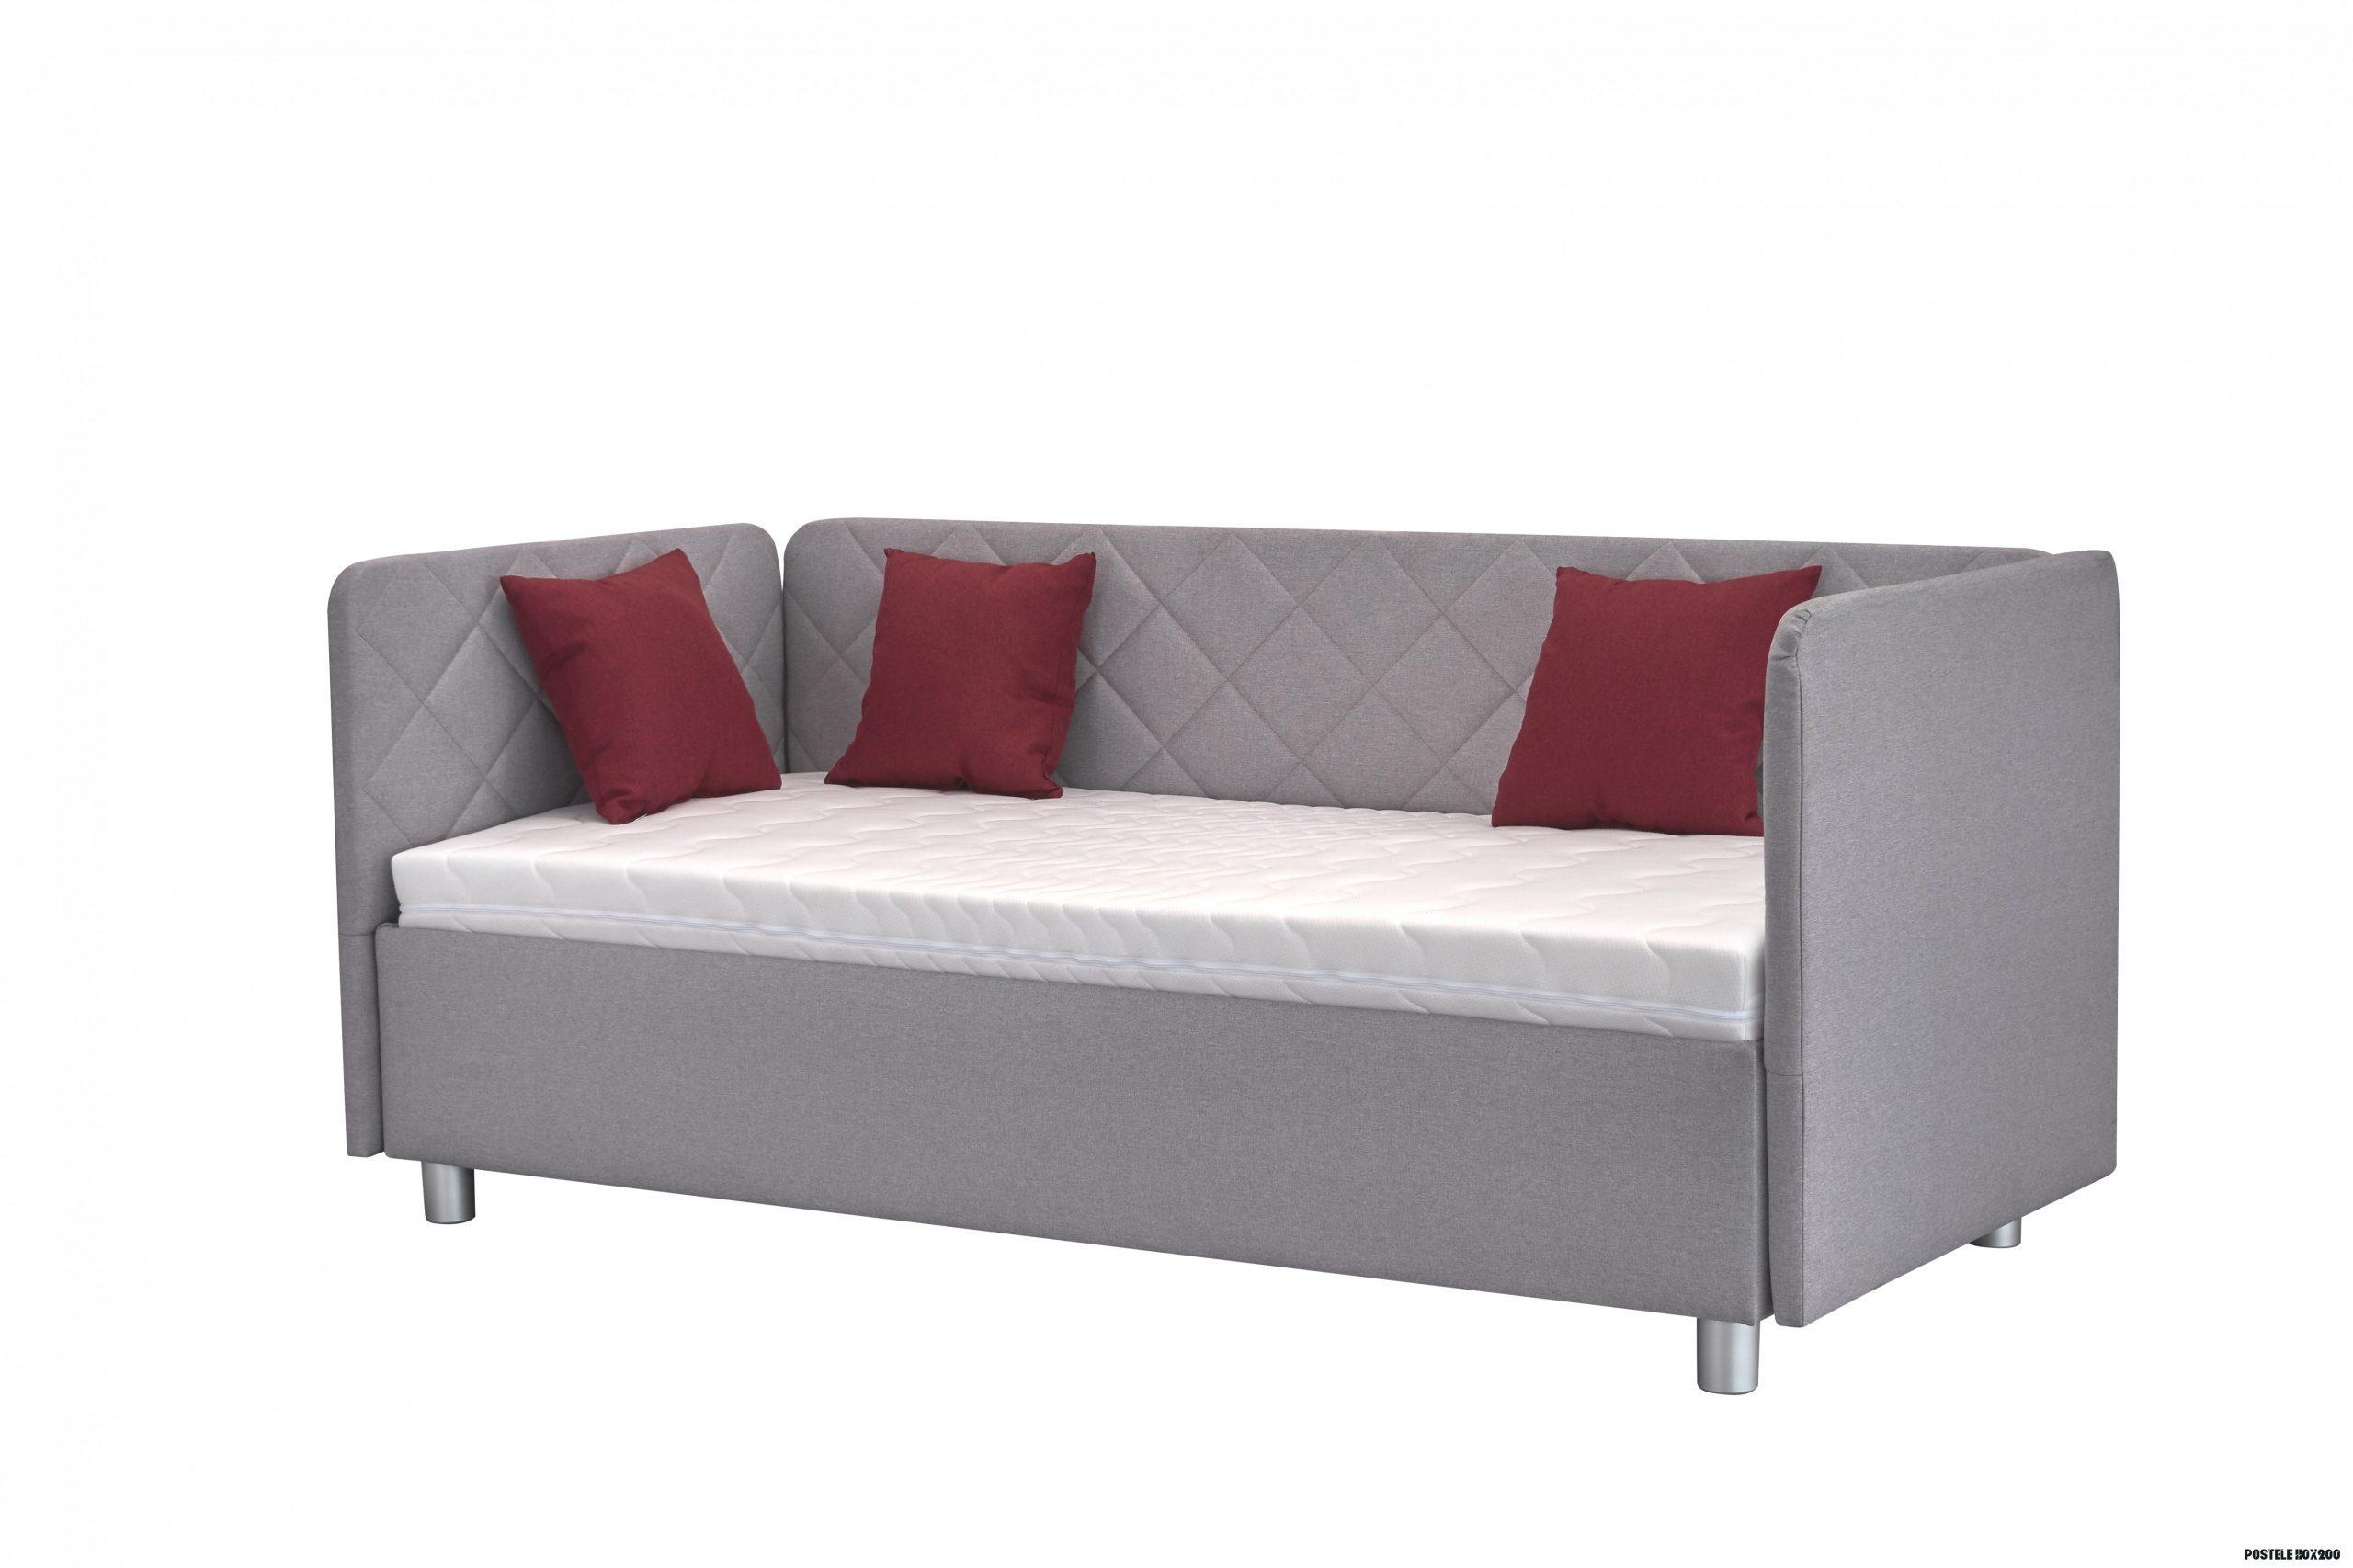 Čalúnená posteľ FIONA 11x11, 11x11  Nábytok Beták Trenčín